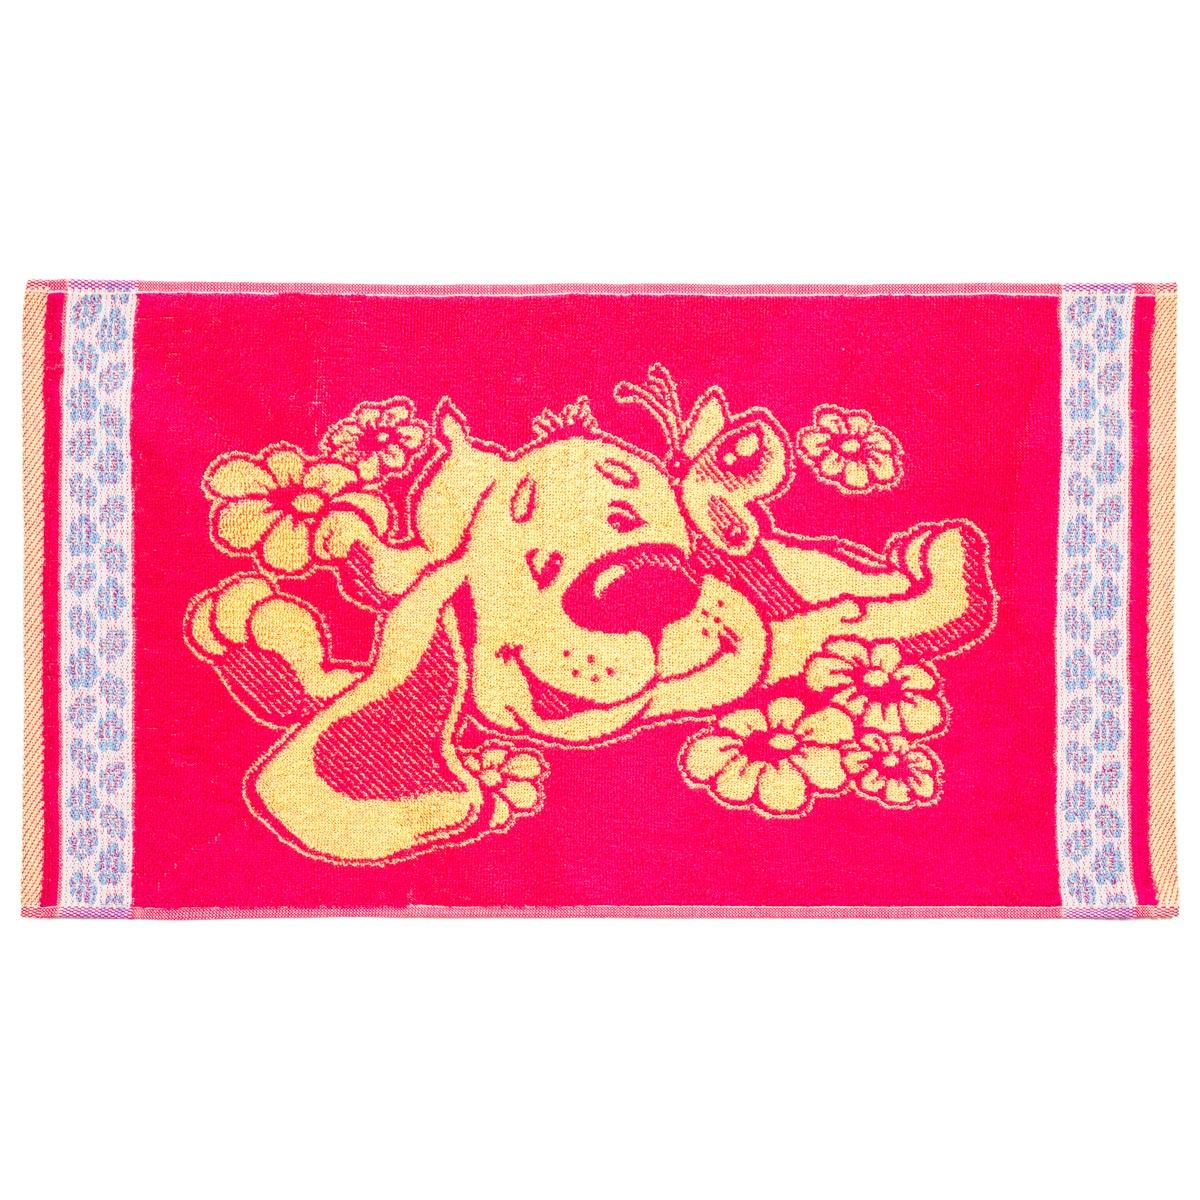 Полотенце арт. 04-0083 р. 30х60Махровые полотенца<br>Плотность ткани: 380-400 г/кв. м<br><br>Тип: Полотенце<br>Размер: 30х60<br>Материал: Махра